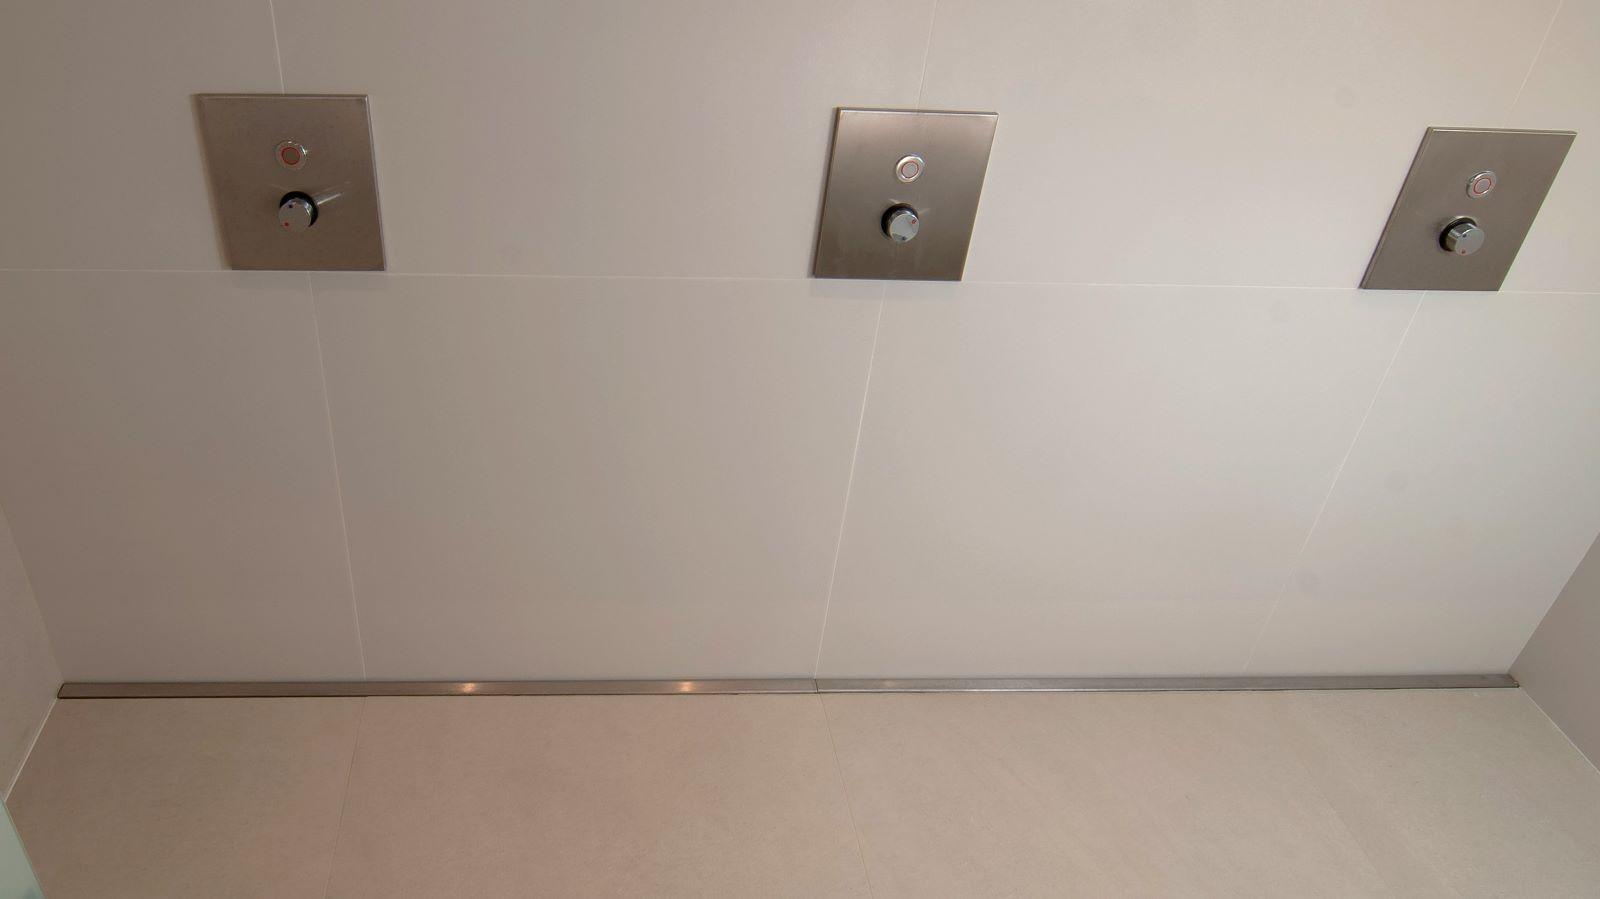 Im bild zu sehen ist die wandbuendig eingebaute, extra lange, sehr flache v4a edelstahl-duschrinne pro. Gezeigt wird die einbausituation dieser massanfertigung in einer barrierefreien dusche im sanitaerbereich eines fitnessstudios . Der frei konfigurierbare ablauf erleichtert, diese ebenerdige dusche mit nur einer gefaellerichtung zu planen. Der seitliche abfluss der sonderanfertigung der hochwertigen duschrinne pro erlaubt diese optimale duschplanung.